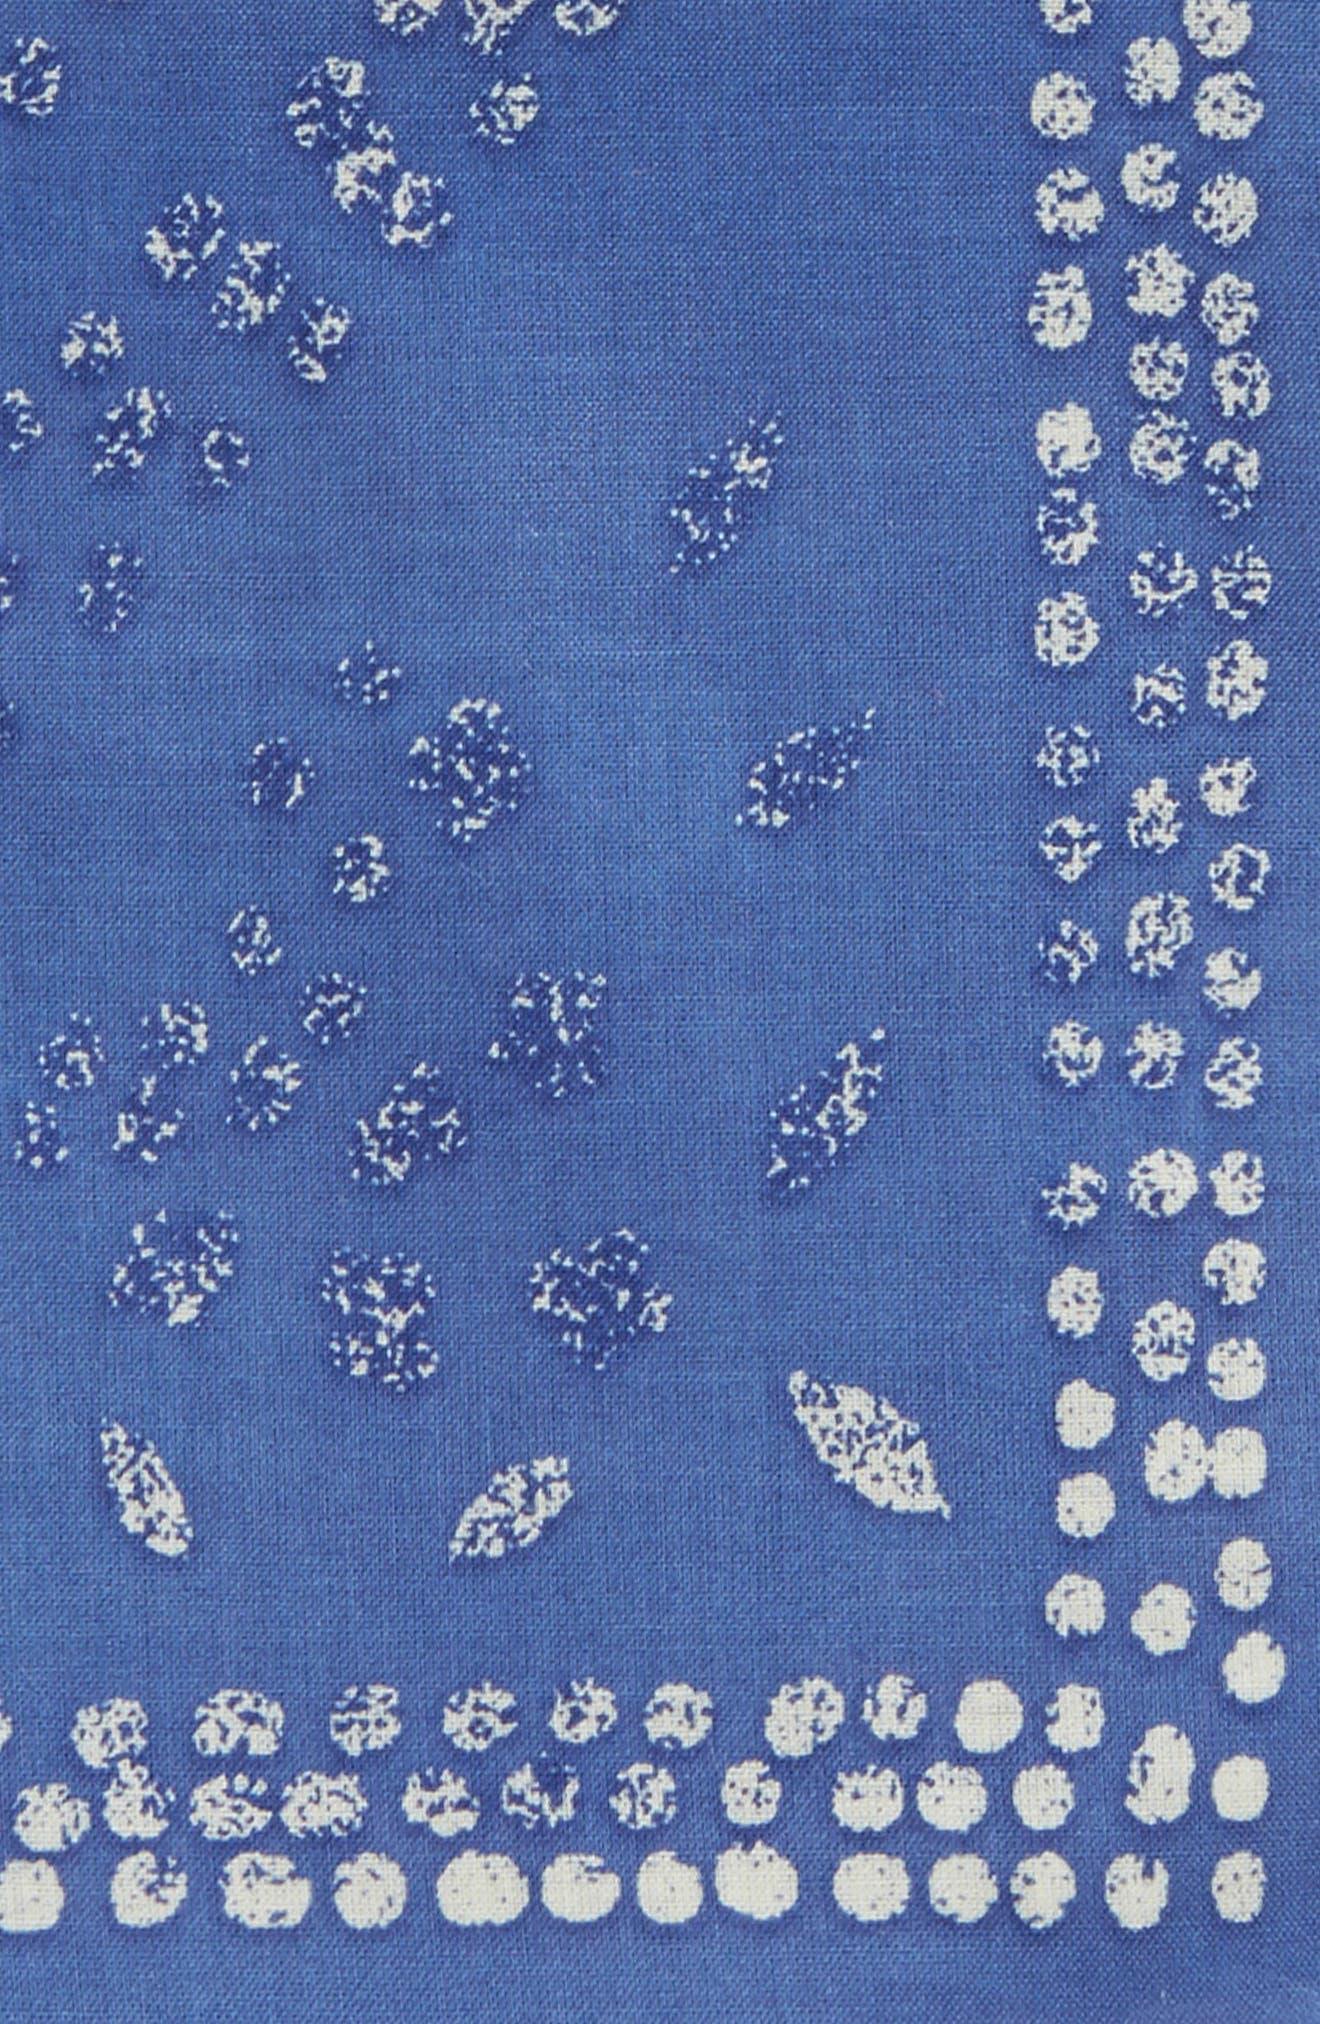 Batik Cotton Pocket Square,                             Alternate thumbnail 3, color,                             450